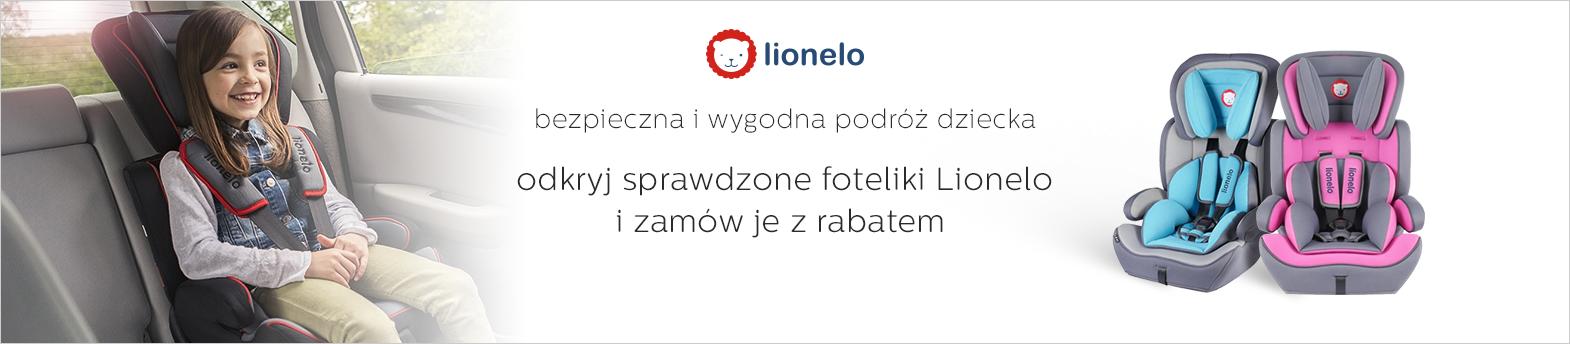 Lionelo rabaty